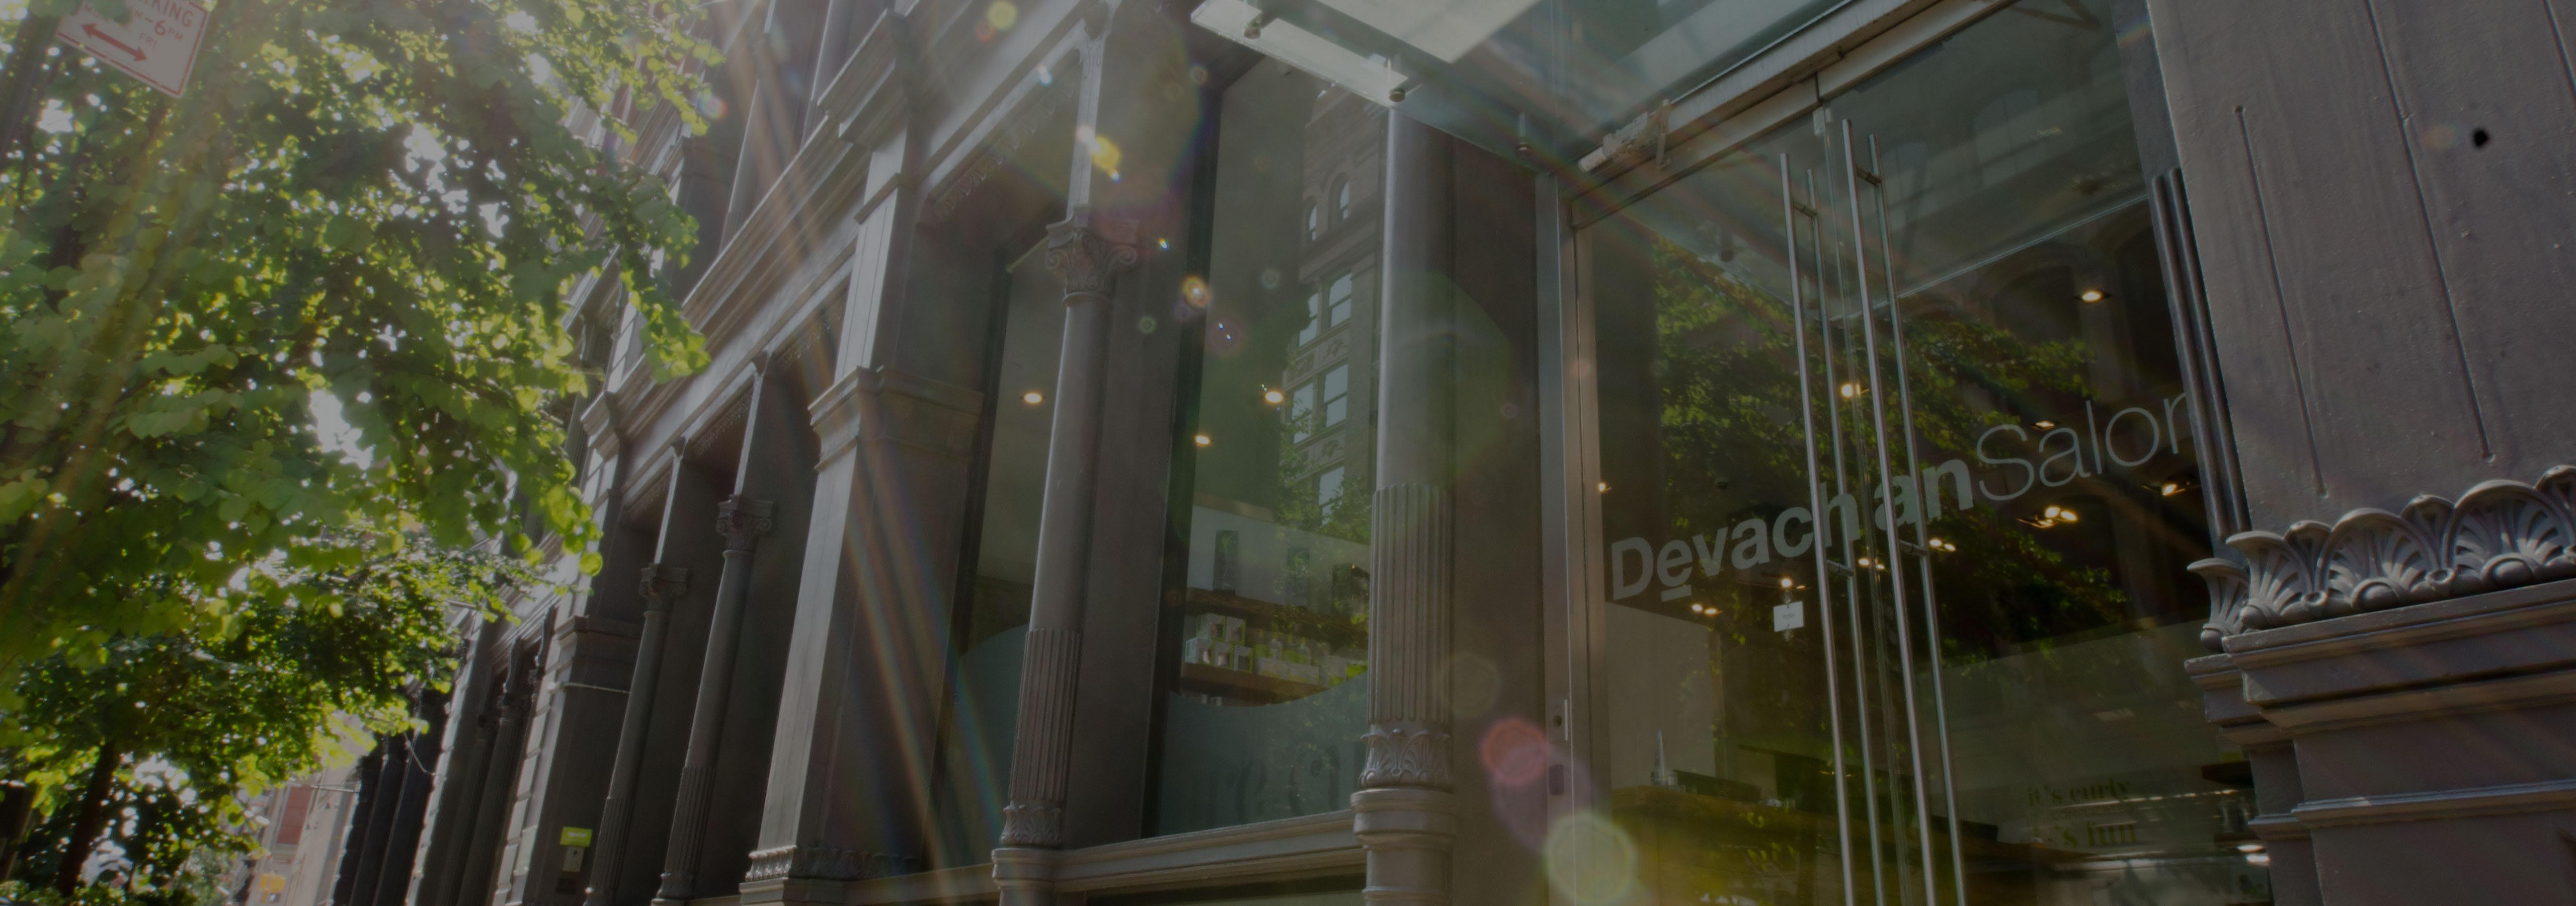 Salón Devachan